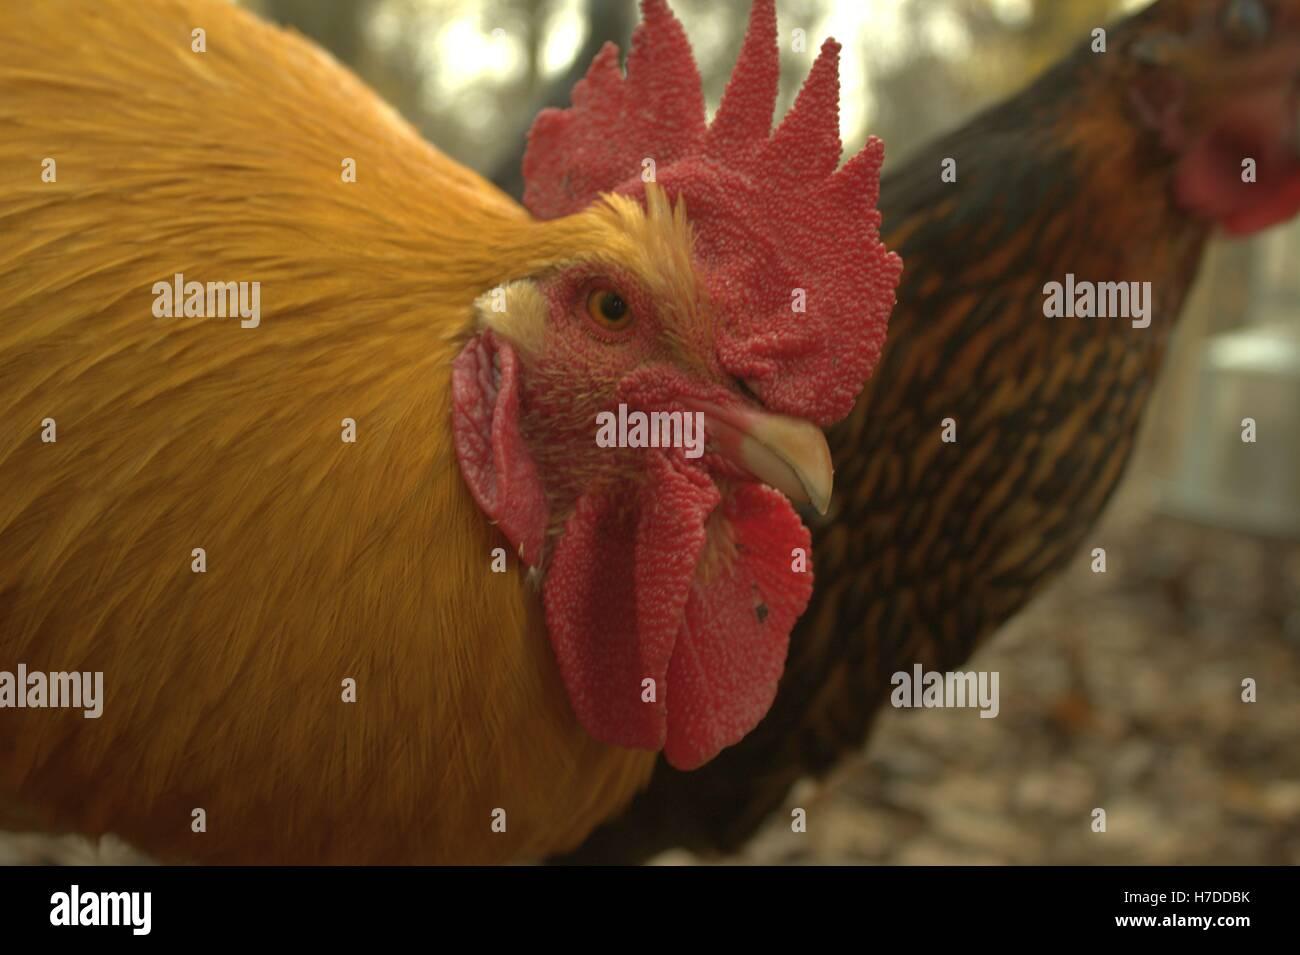 Cierre de un Buff Orpington Rooster's Face Imagen De Stock